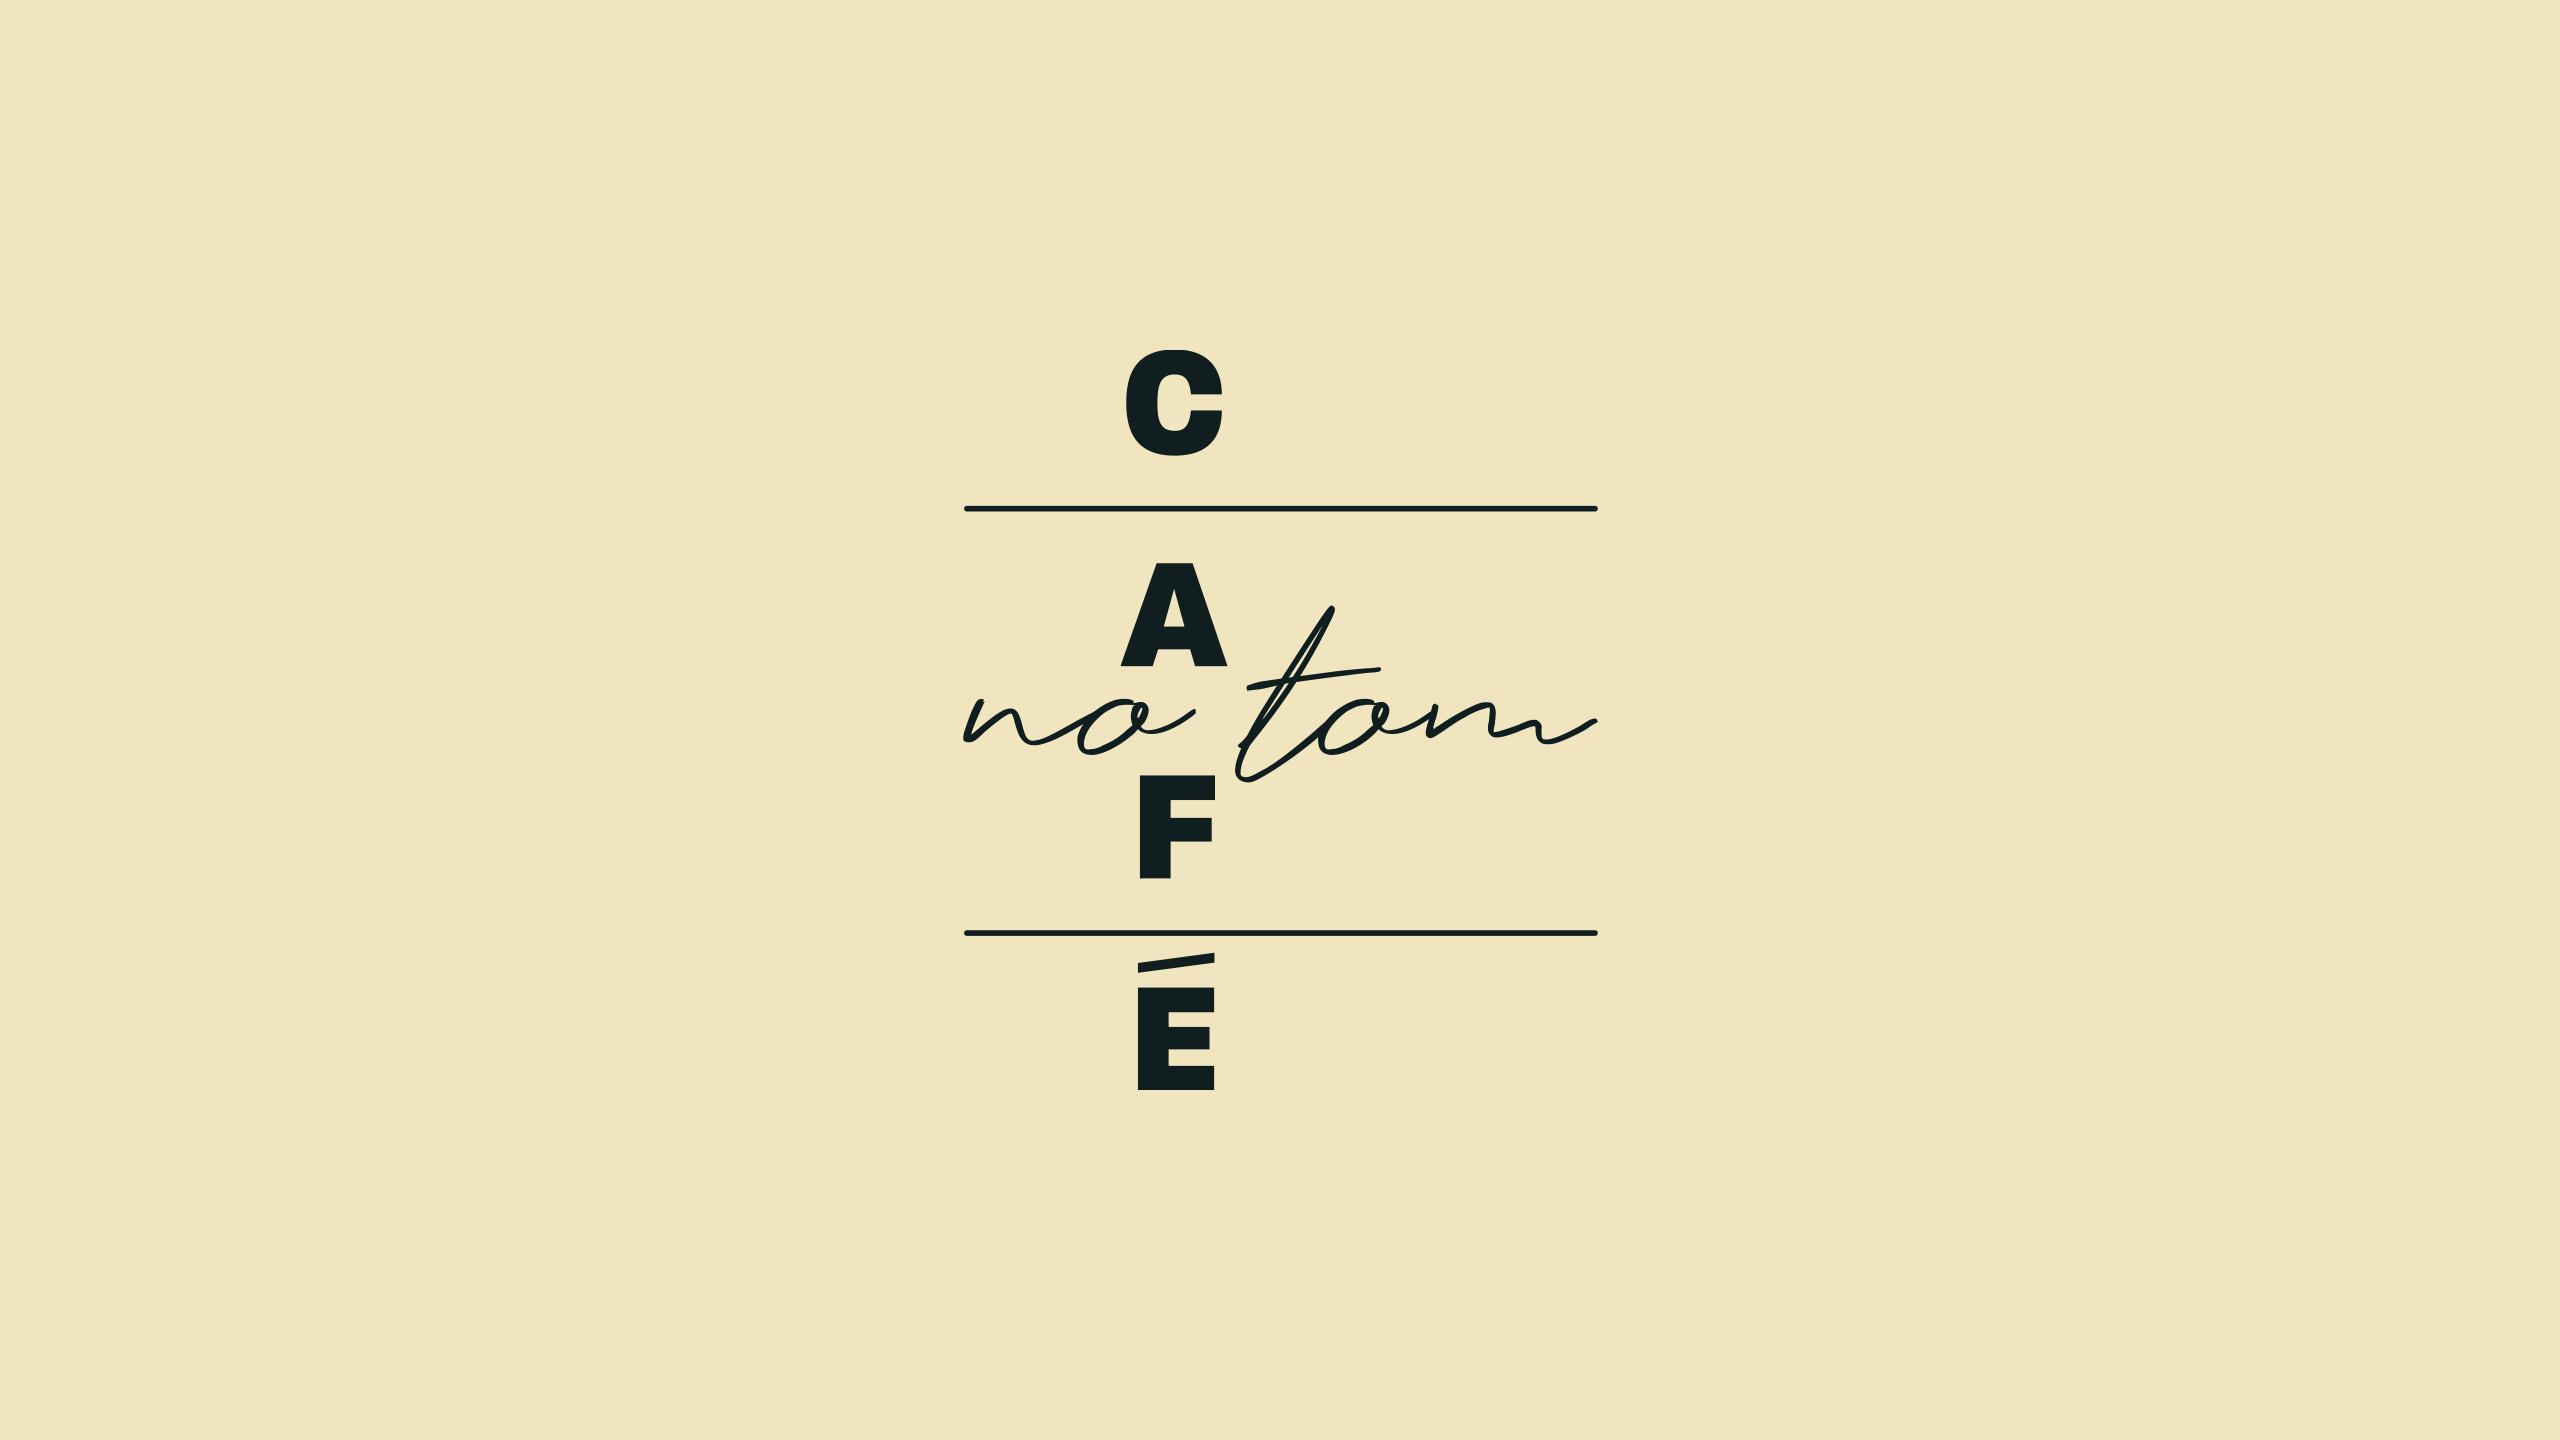 firmorama_cafe-no-tom_02